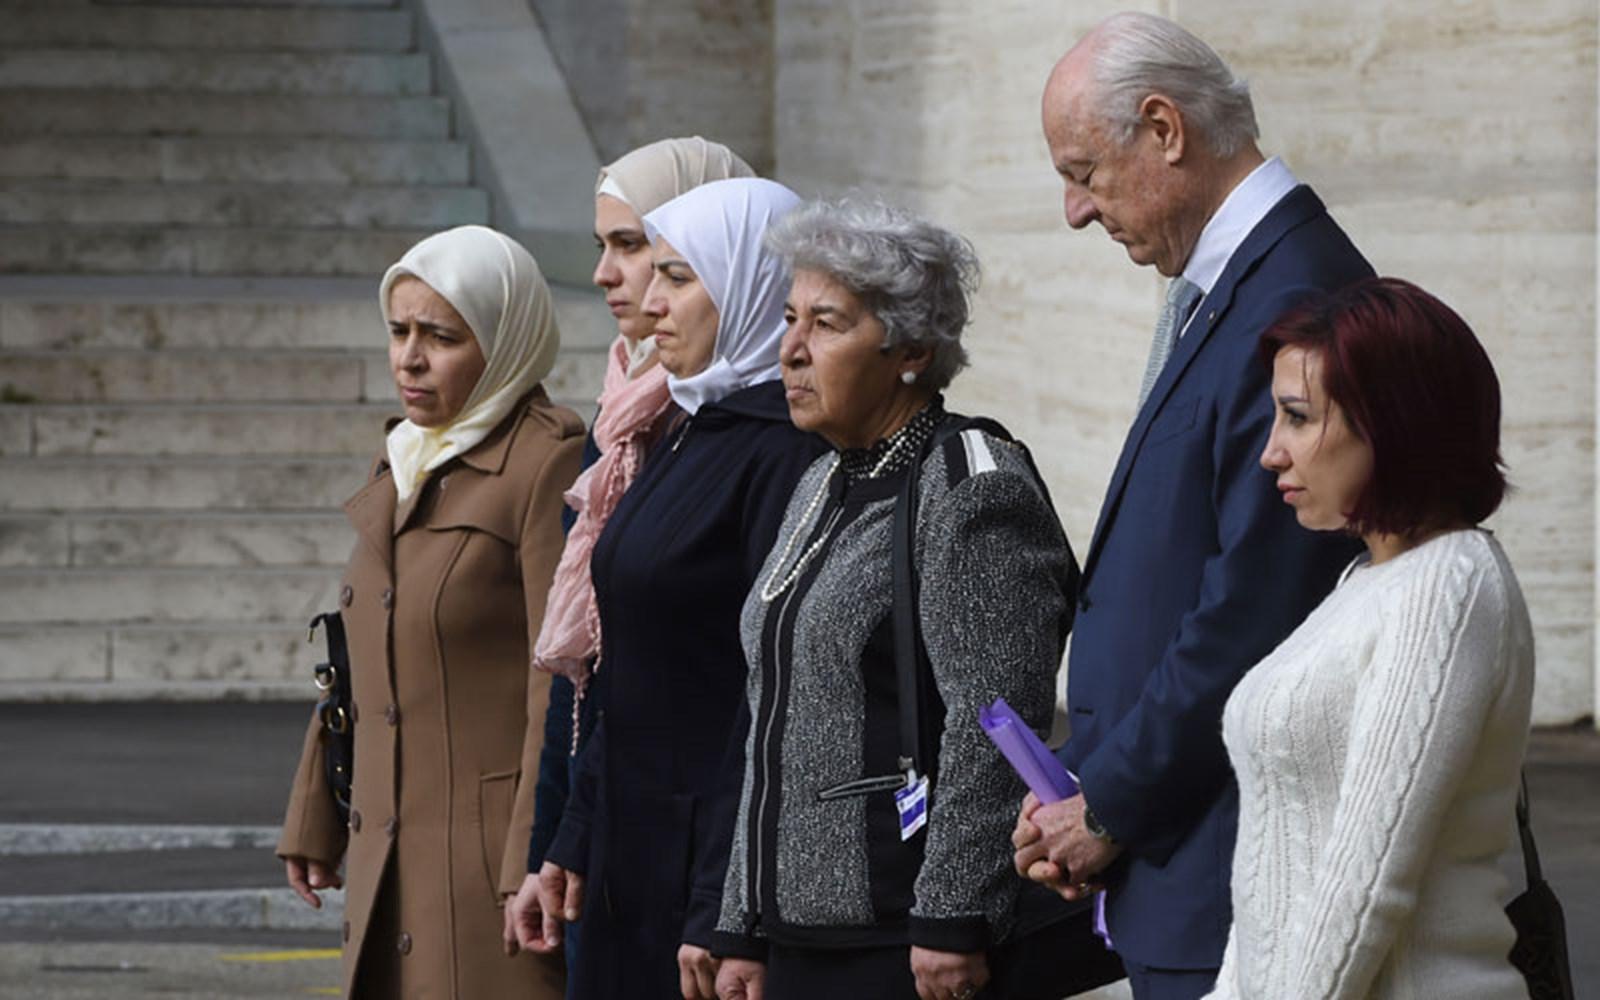 Syrien-Konflikt: Konferenz der hehren Ziele - Syrien